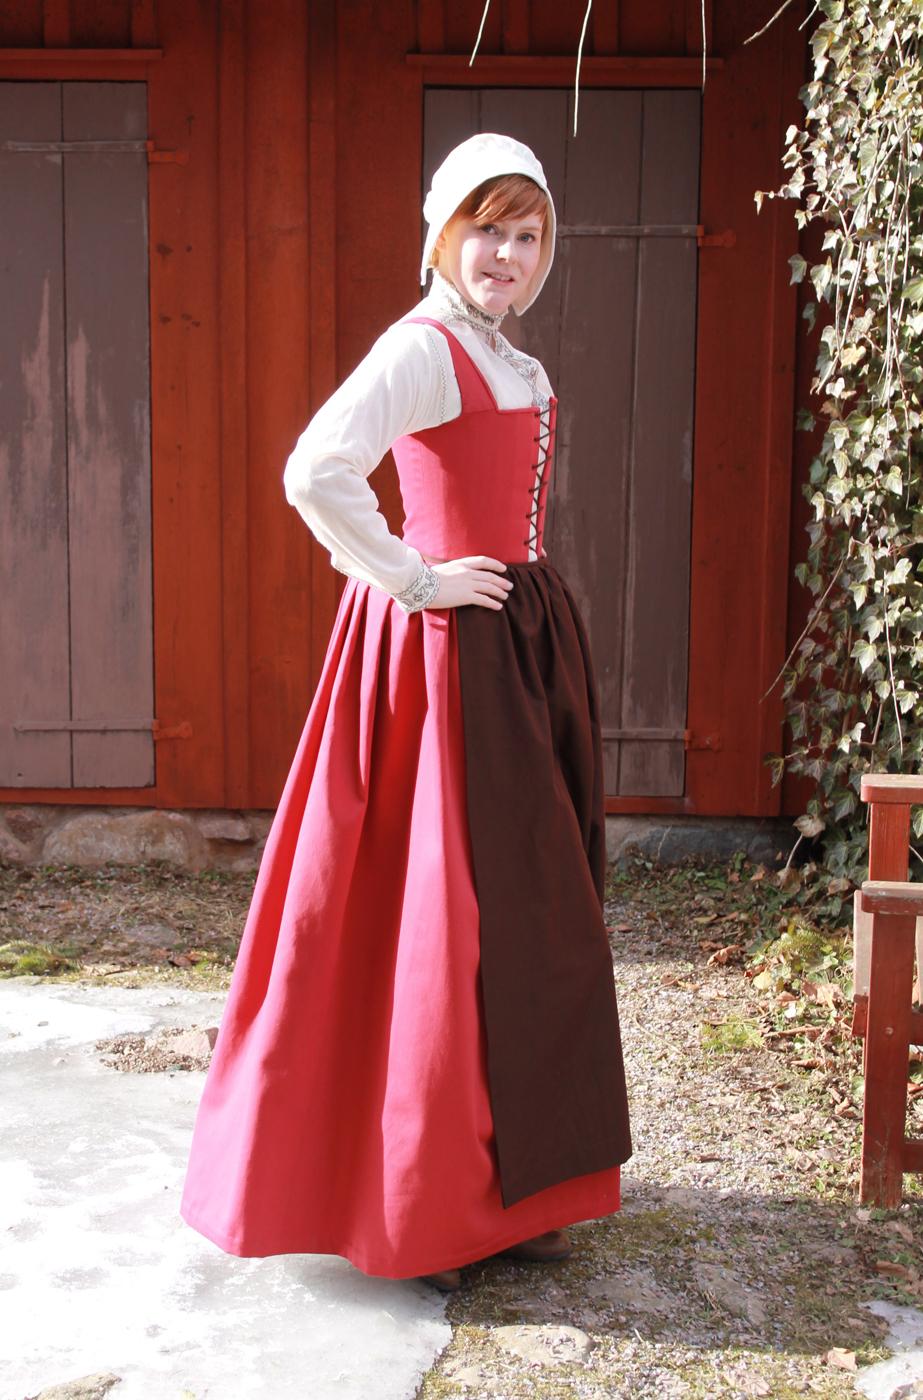 16th century Peasant |